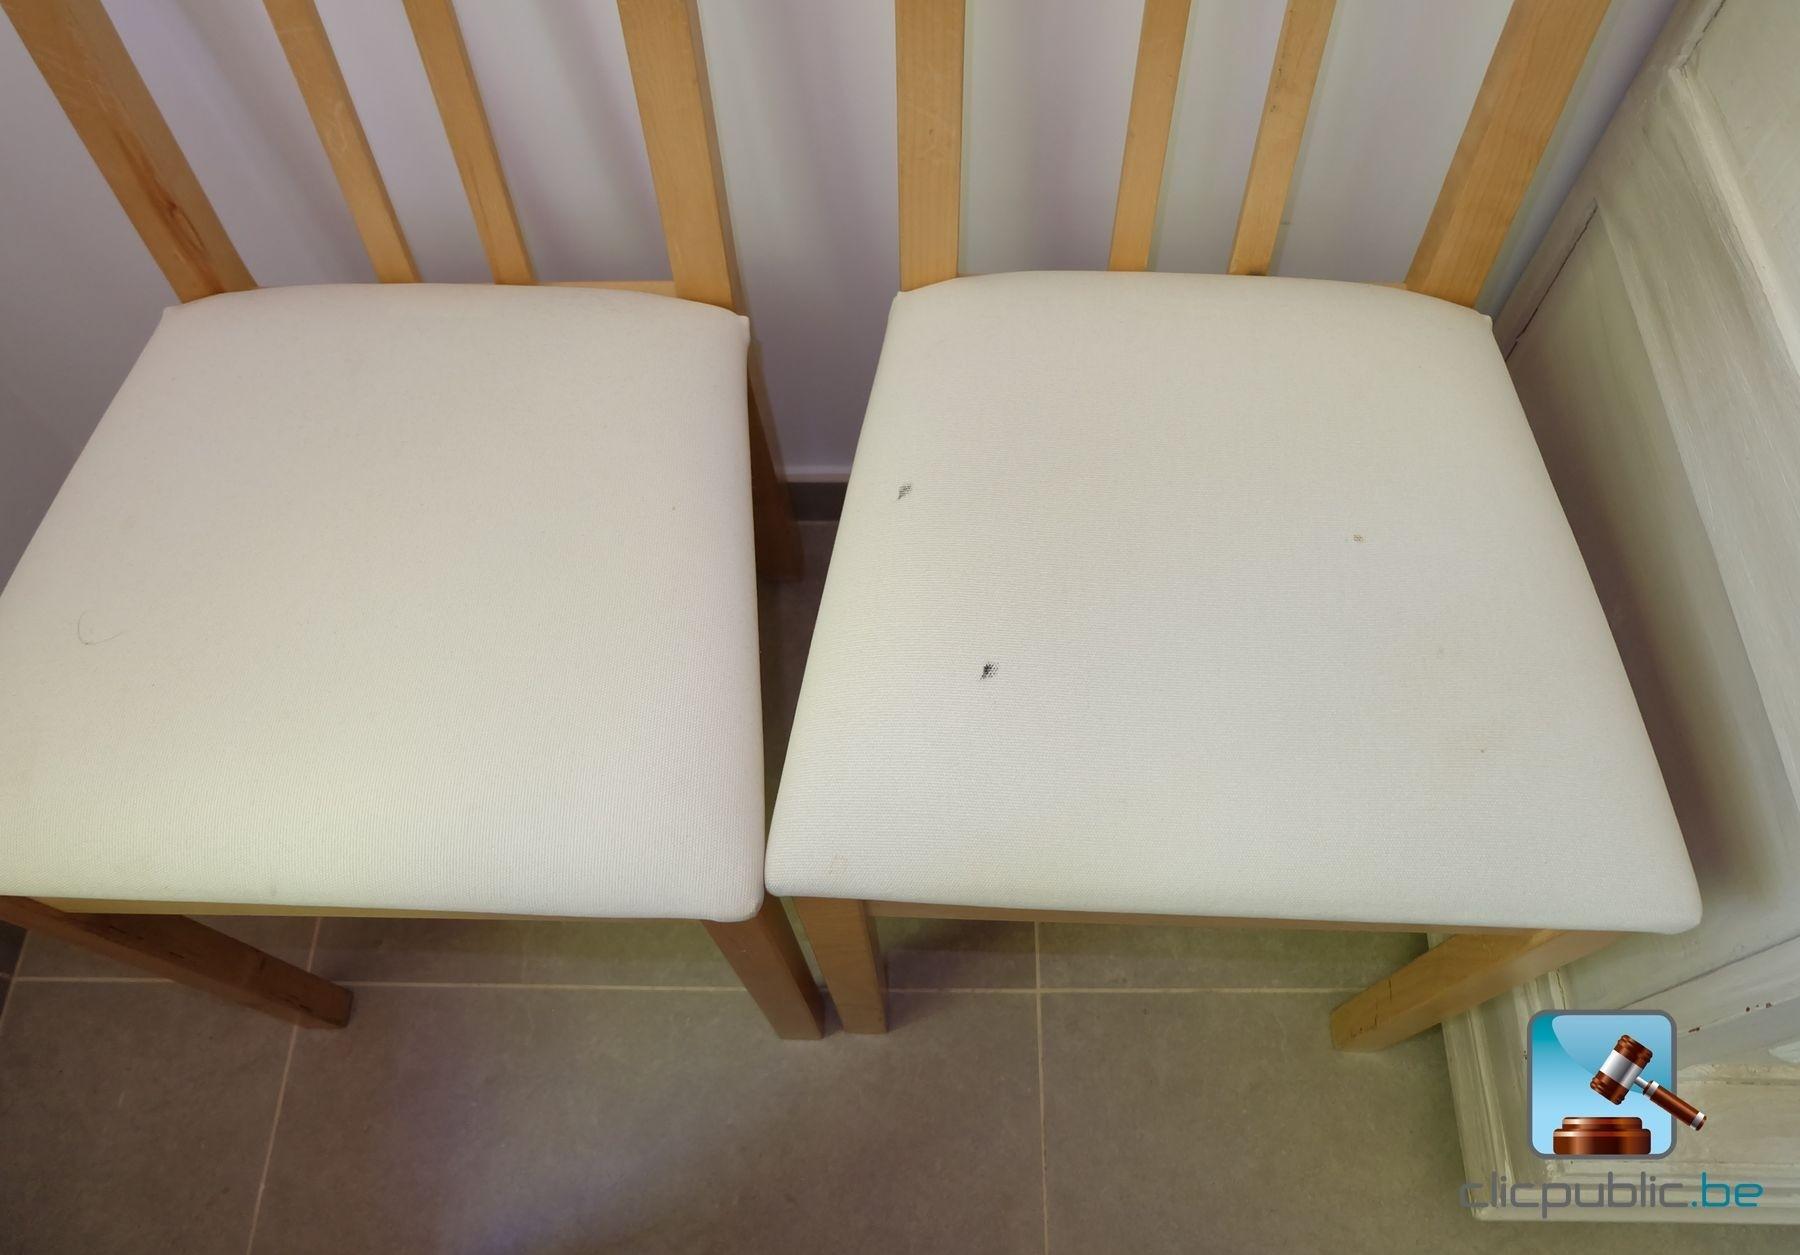 furniture 1 buffet en ch ne 4 chaises en rable 2 chaises hautes 2 chaises en teck ref 49. Black Bedroom Furniture Sets. Home Design Ideas